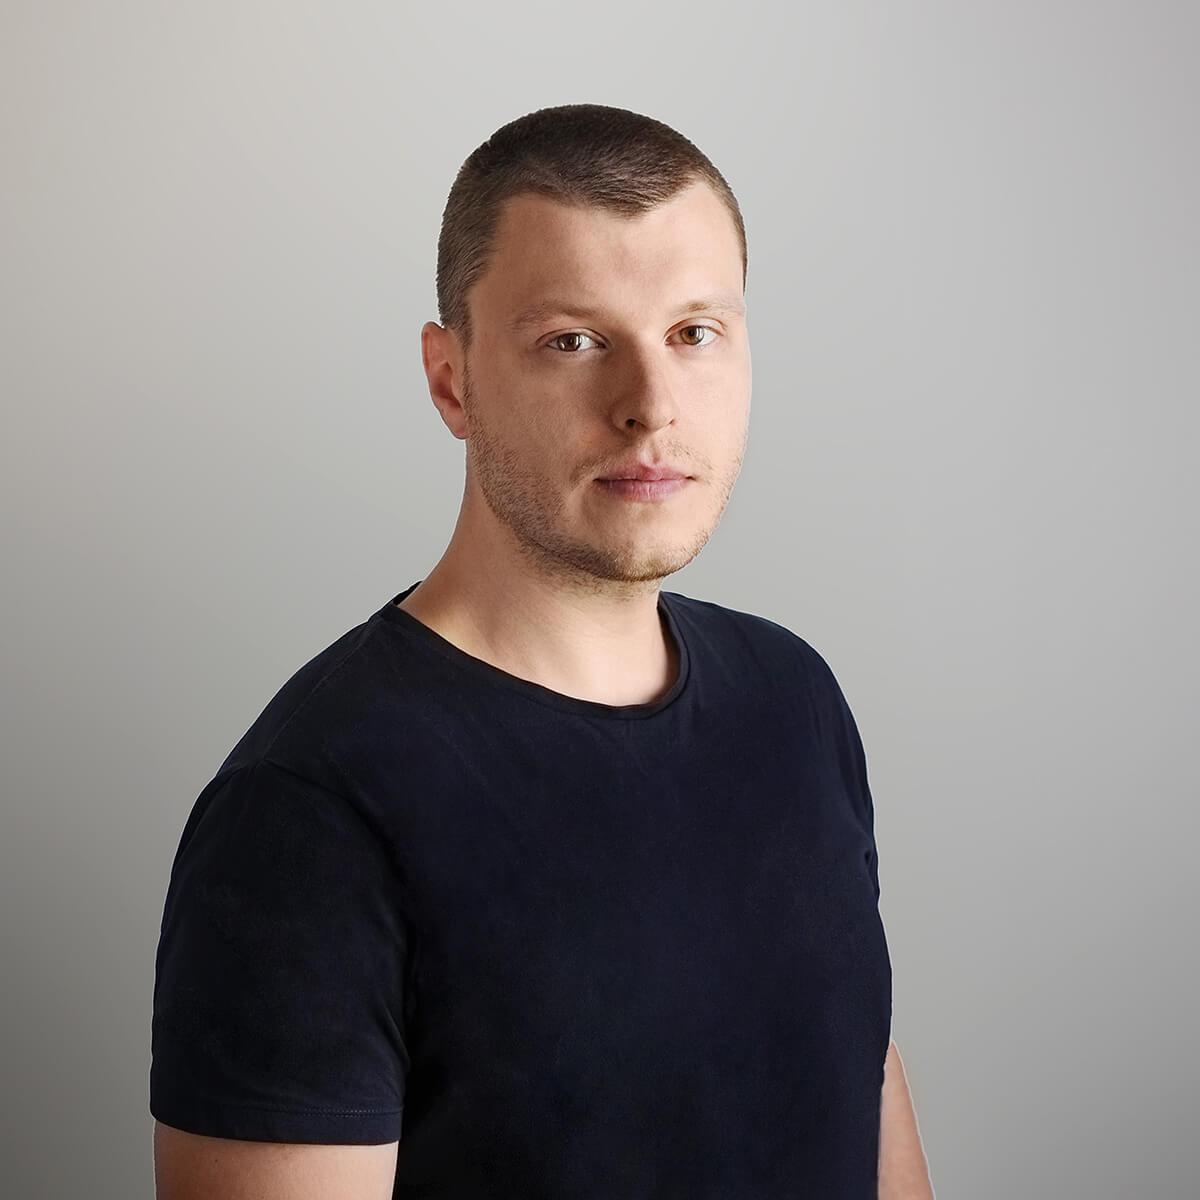 Bartosz Zaborowski